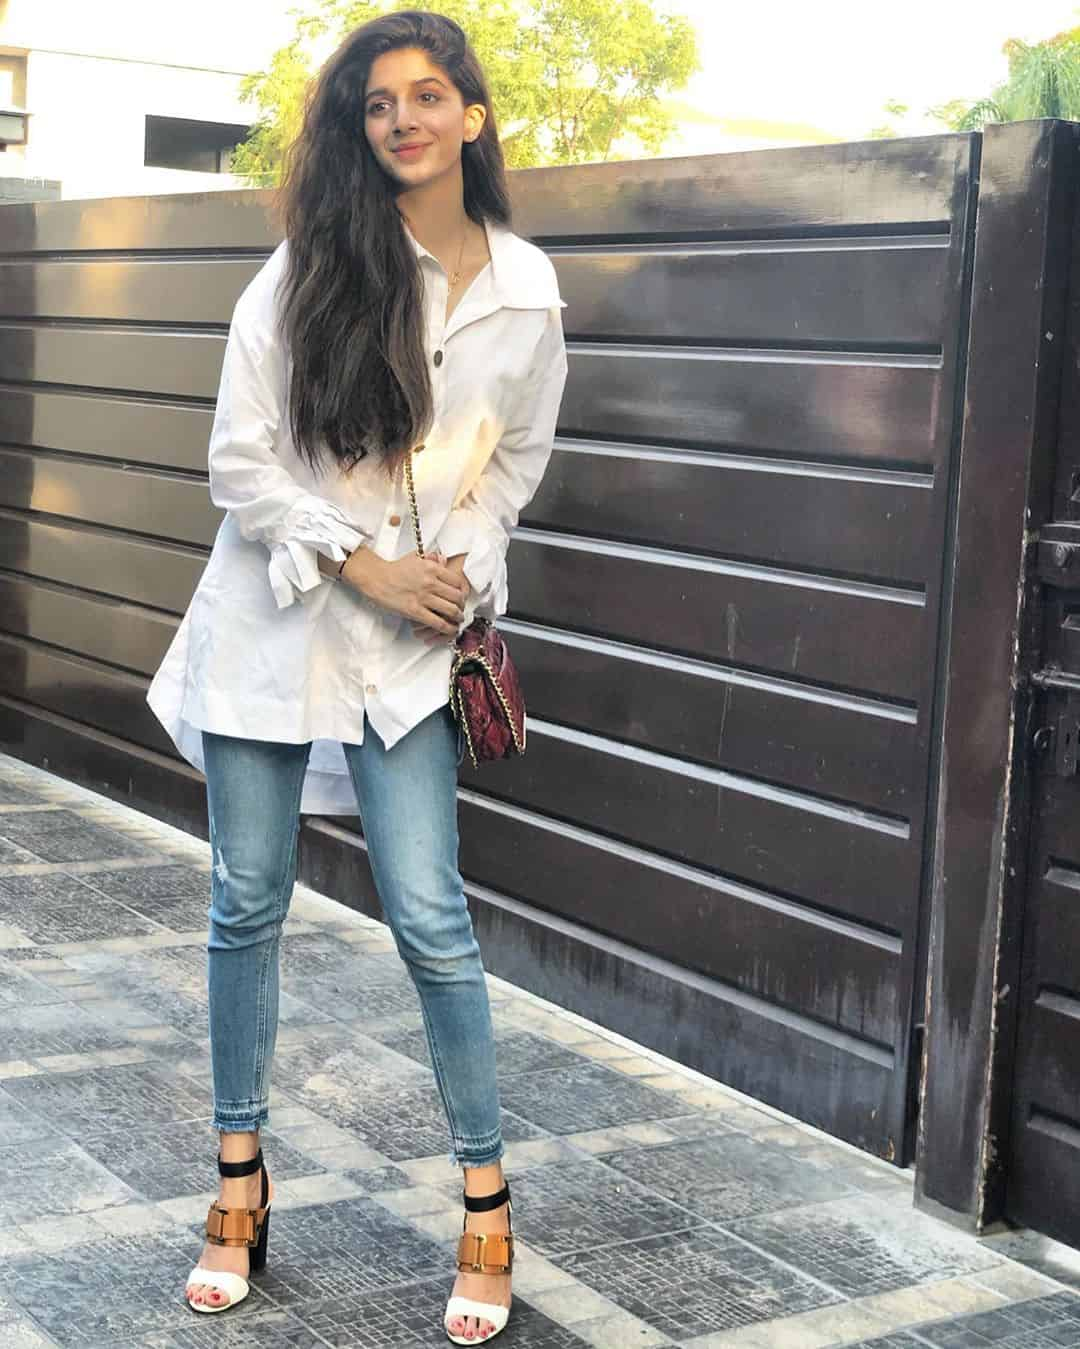 Latest Clicks of Beautiful Actress Mawra Hocane